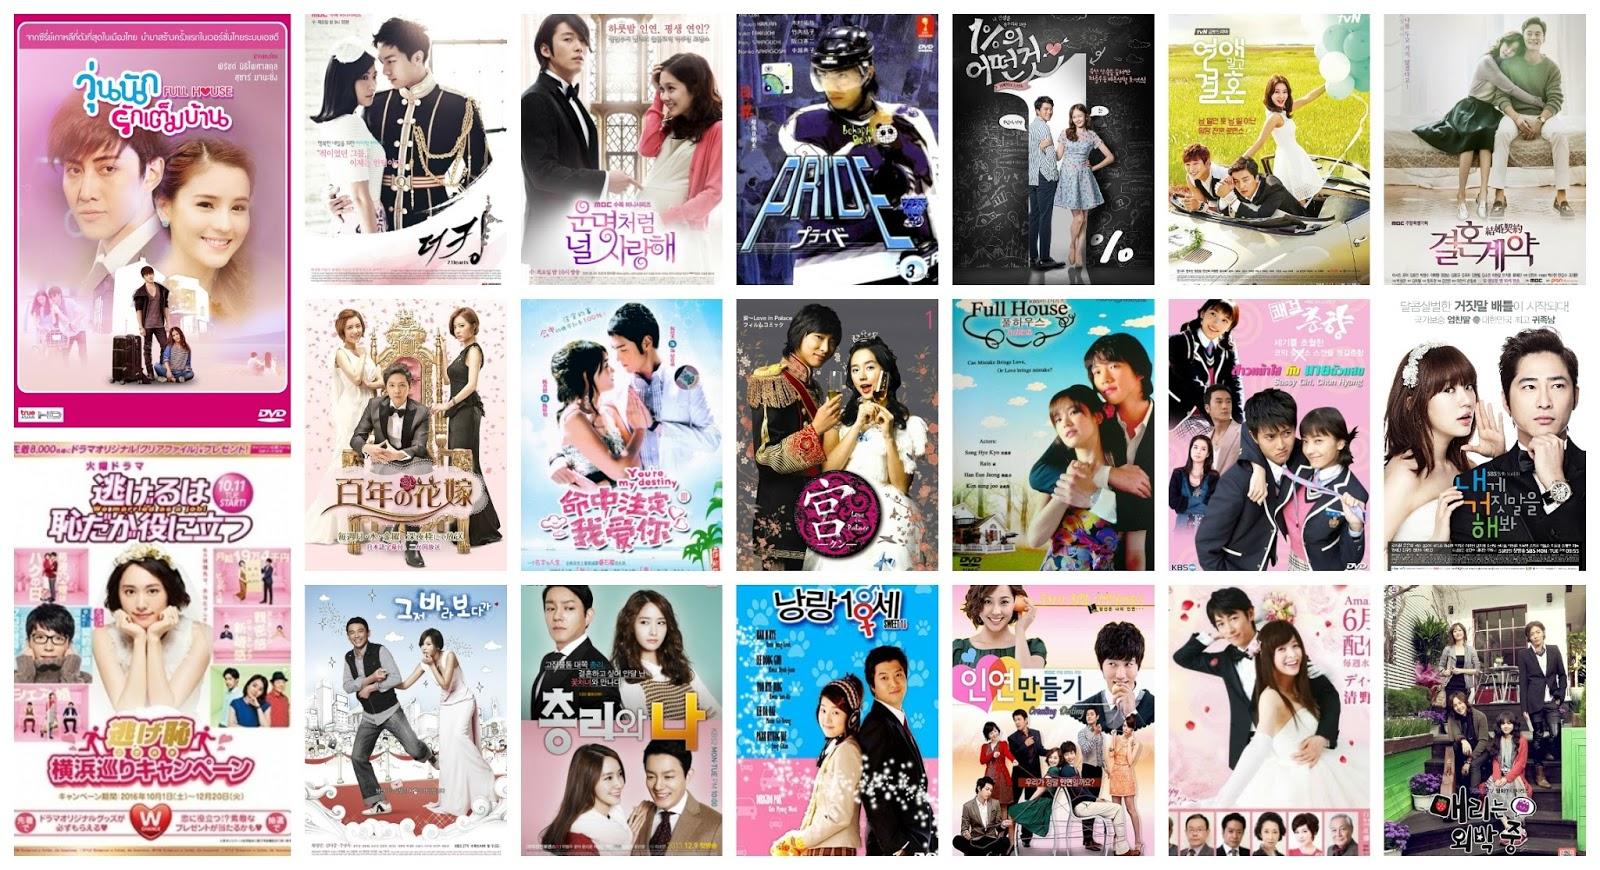 Doramas y series coreanas online dating